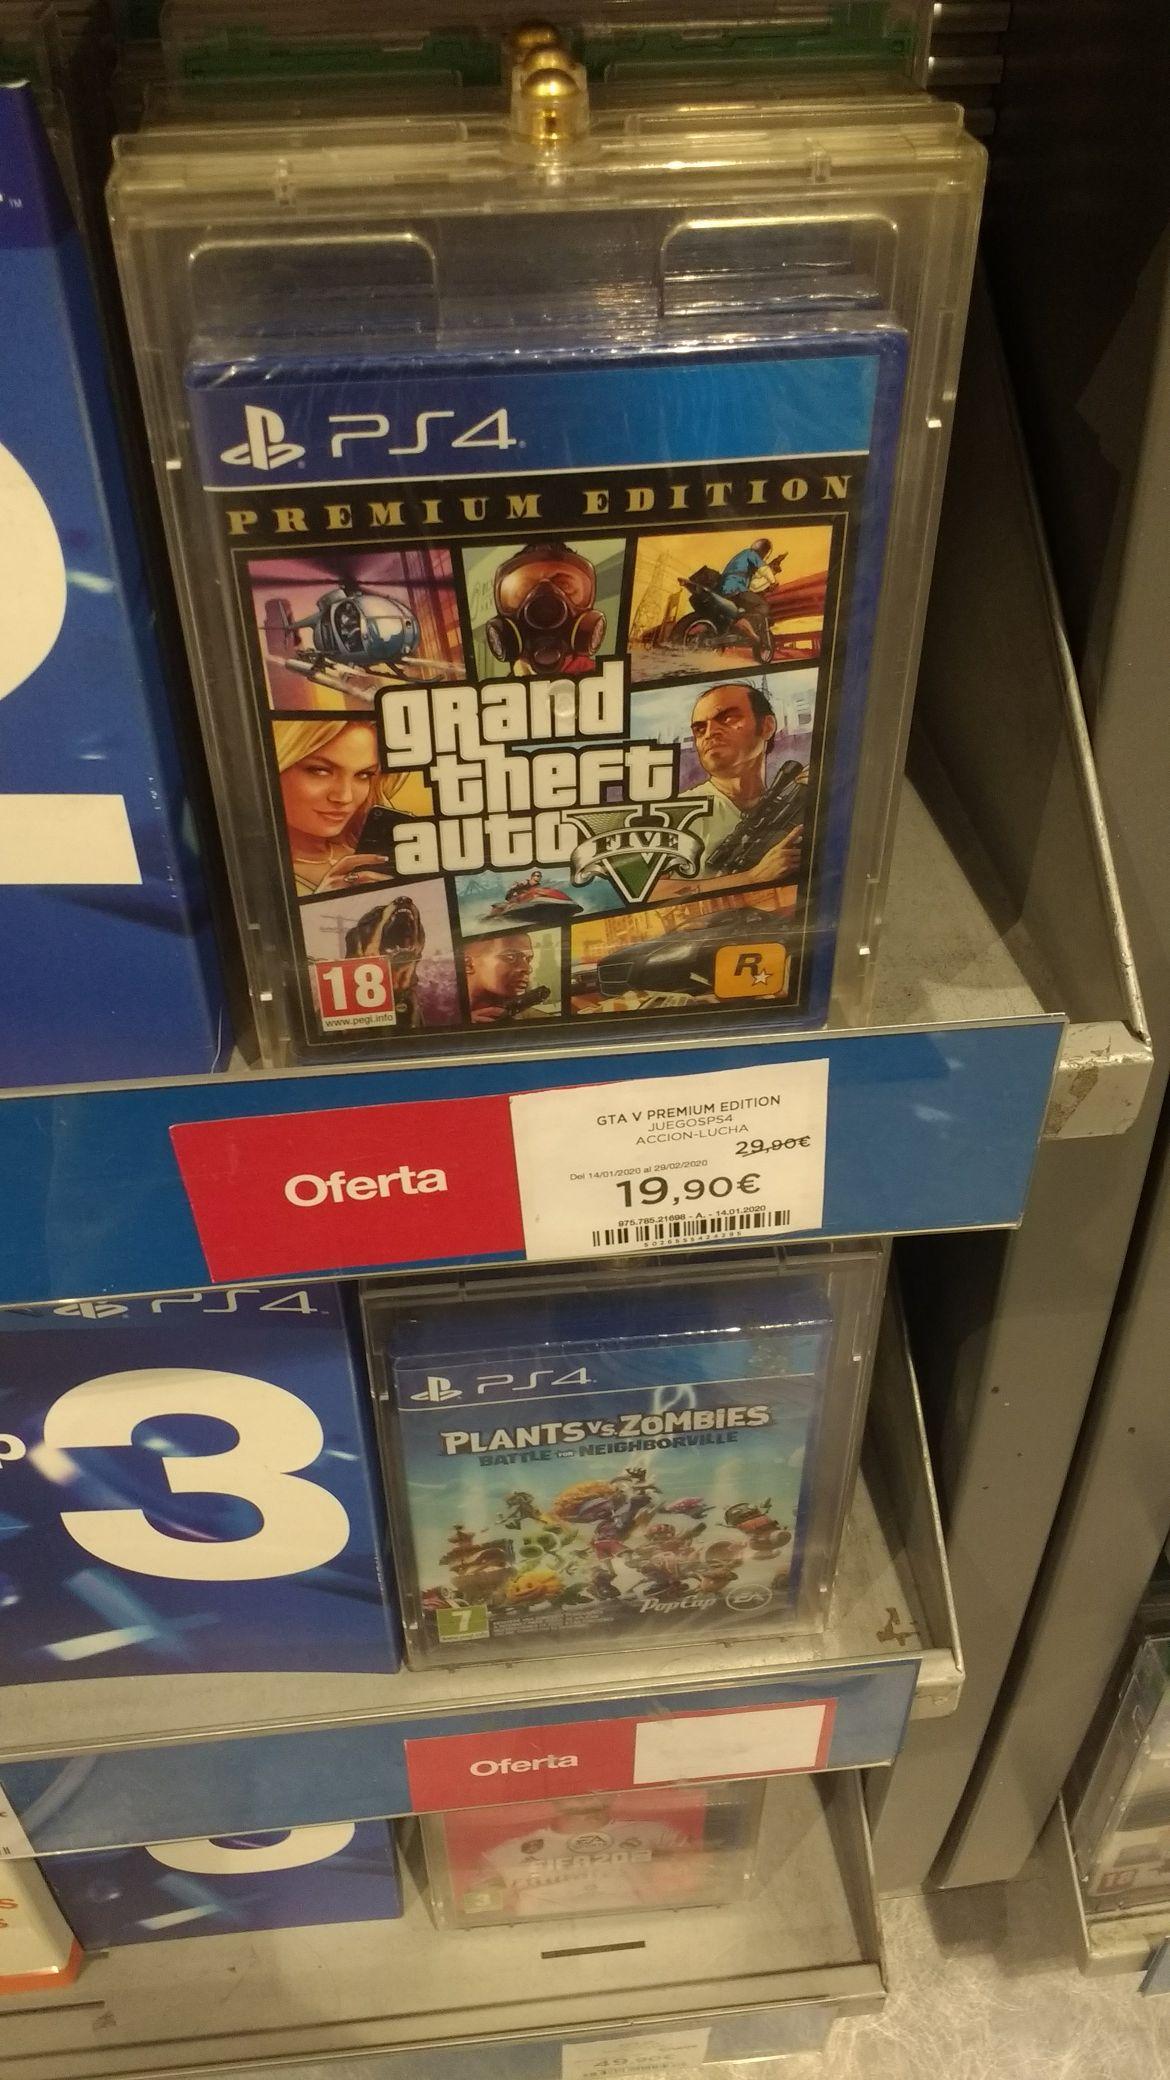 GTA V PlayStation 4 (Edición Premium)- ElCorteIngles